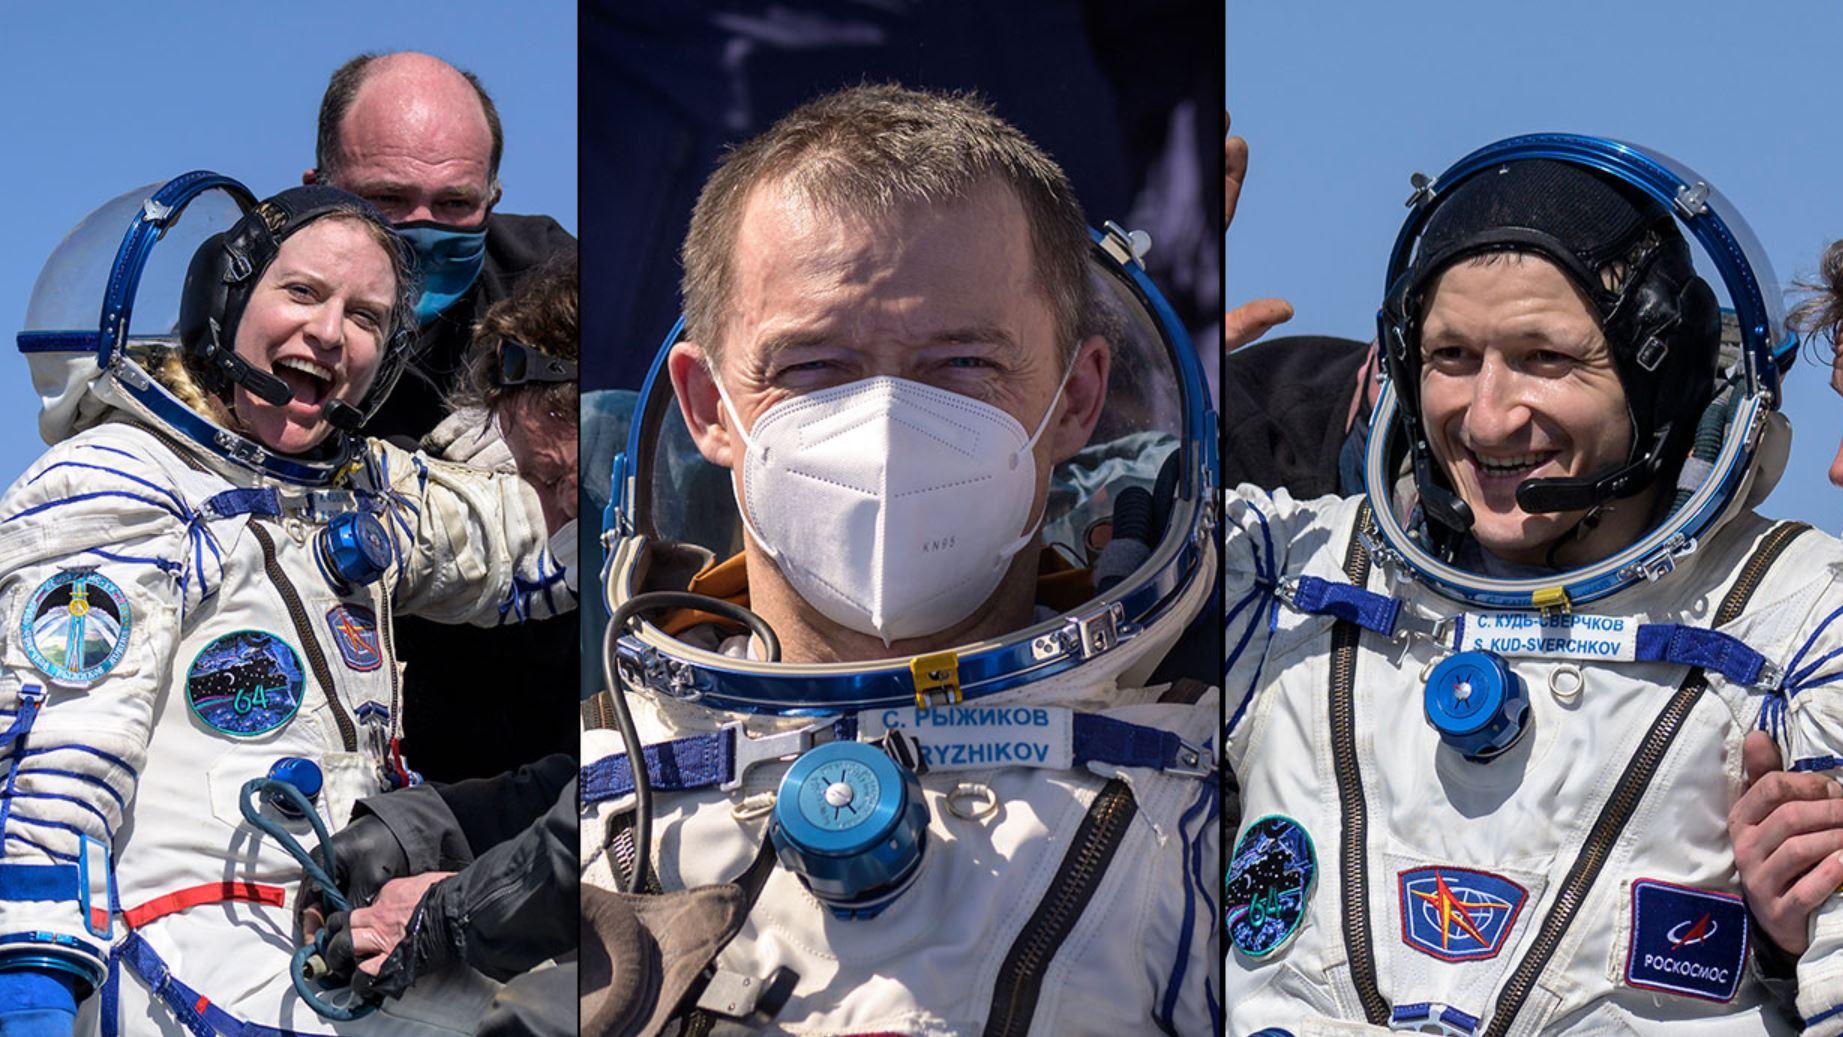 VIDEO. Trei astronauţi s-au întors de pe Staţia Spaţială Internaţională, cu o navă rusească Soiuz